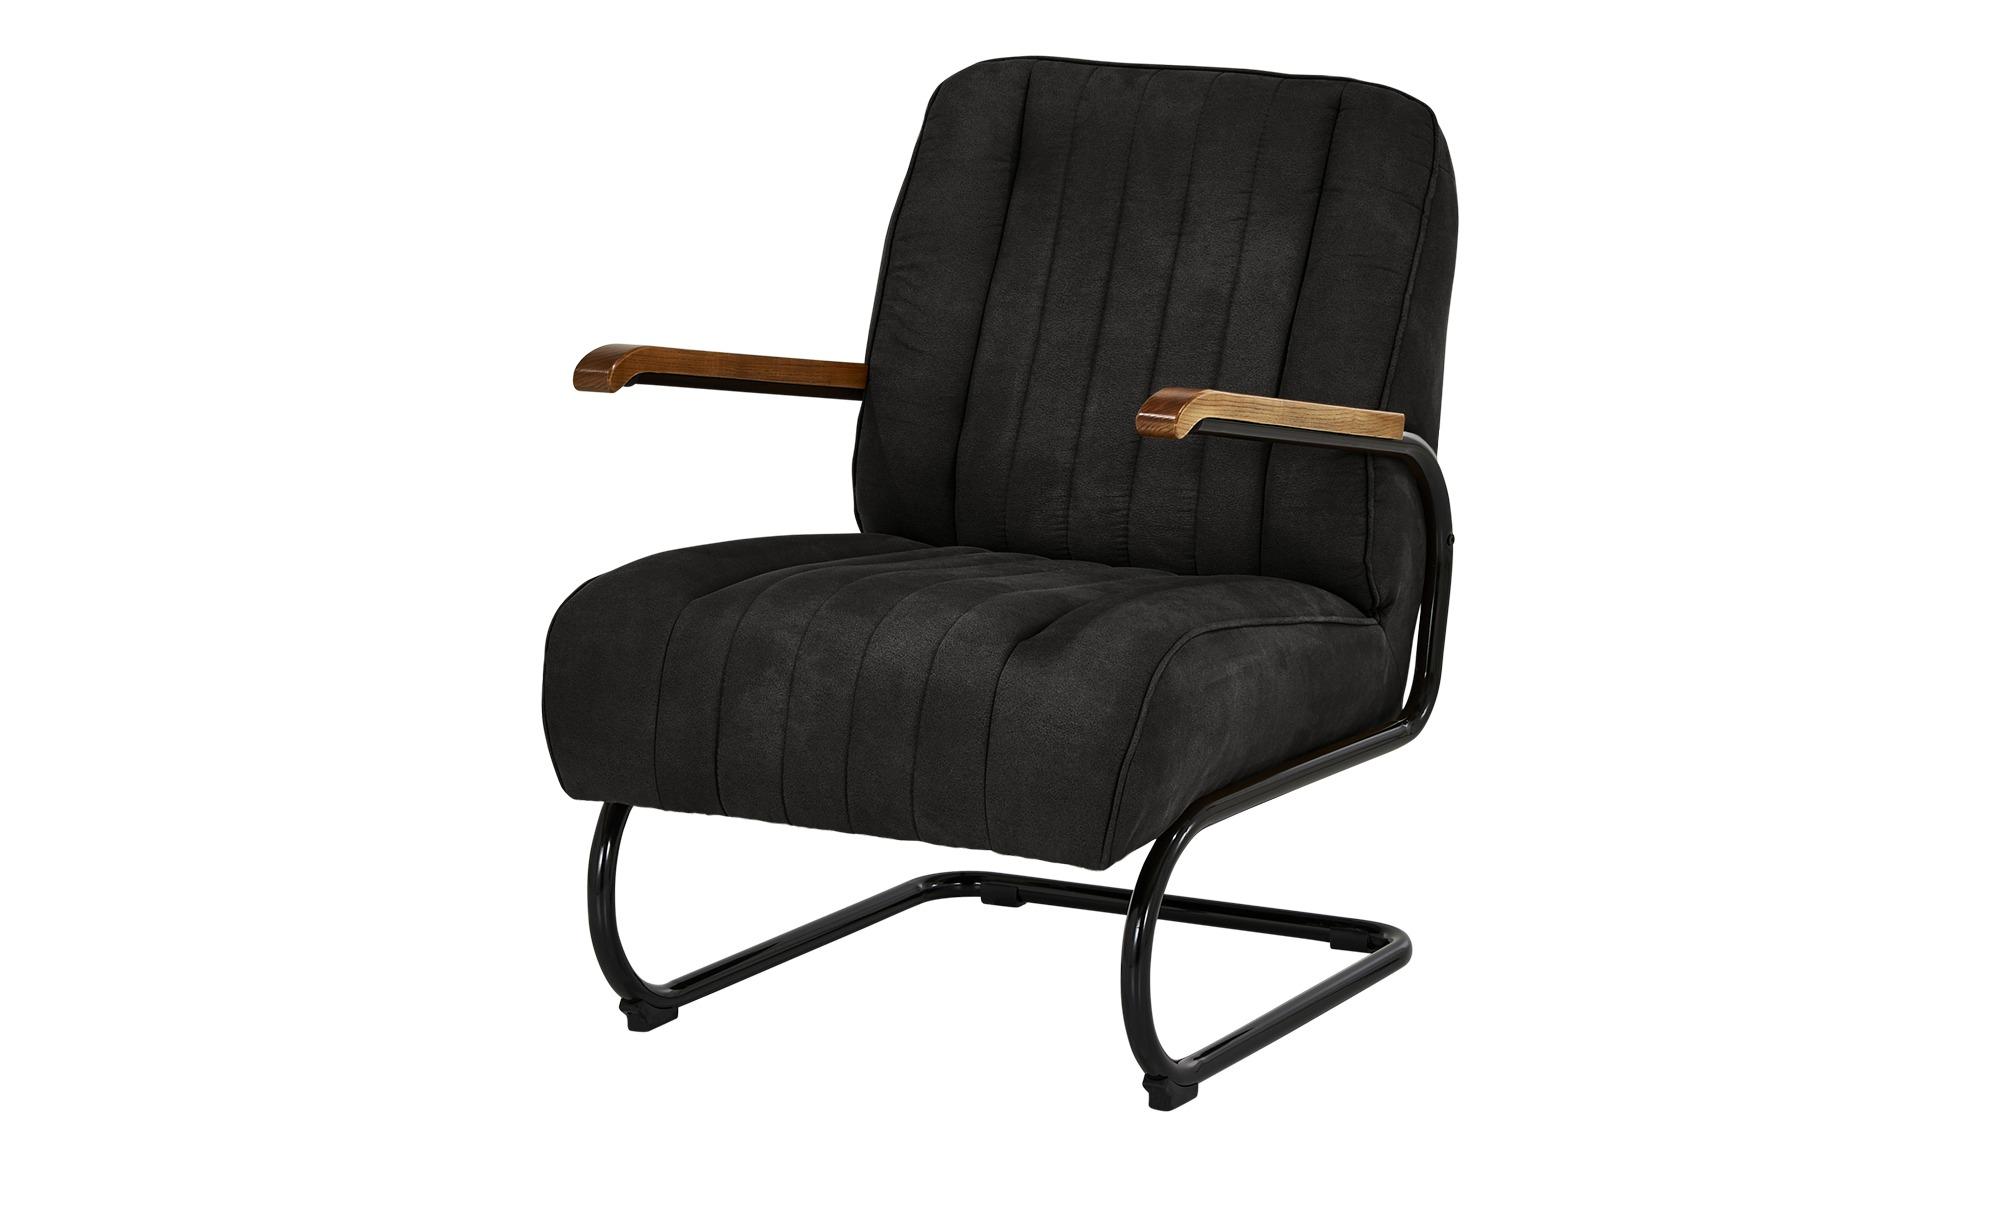 Sessel  Rachel ¦ grau ¦ Maße (cm): B: 67 H: 100 T: 83 Polstermöbel > Sessel > Polstersessel - Höffner